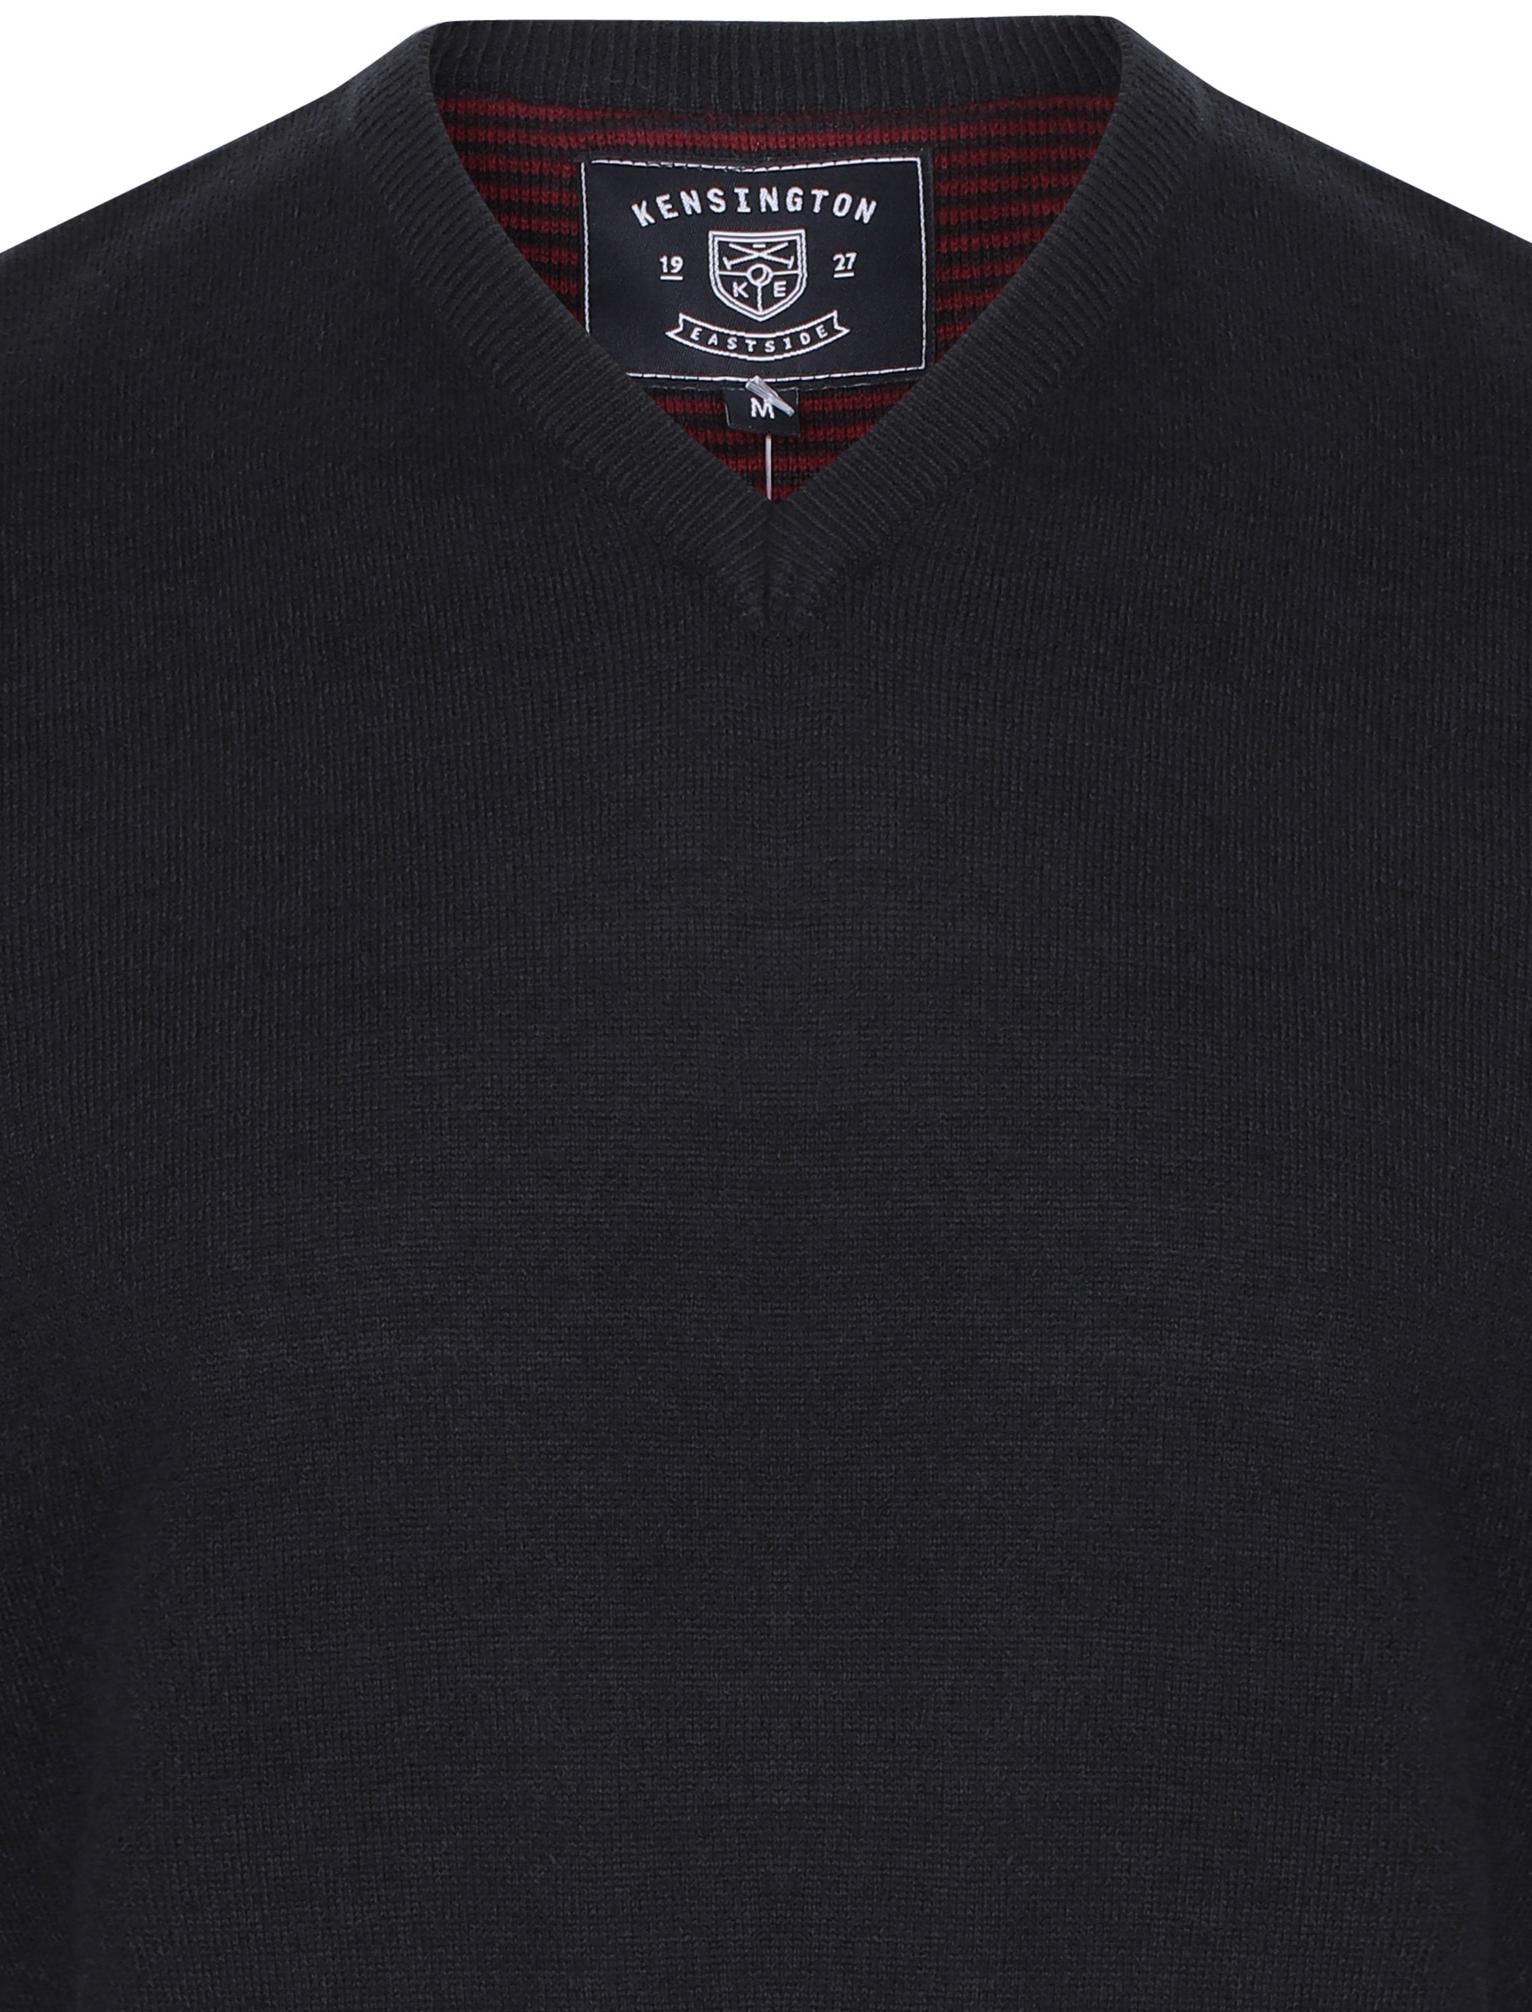 Kensington-Eastside-Men-039-s-Wool-Blend-Knitted-Crew-or-V-Neck-Jumper-Sweater-Top thumbnail 28